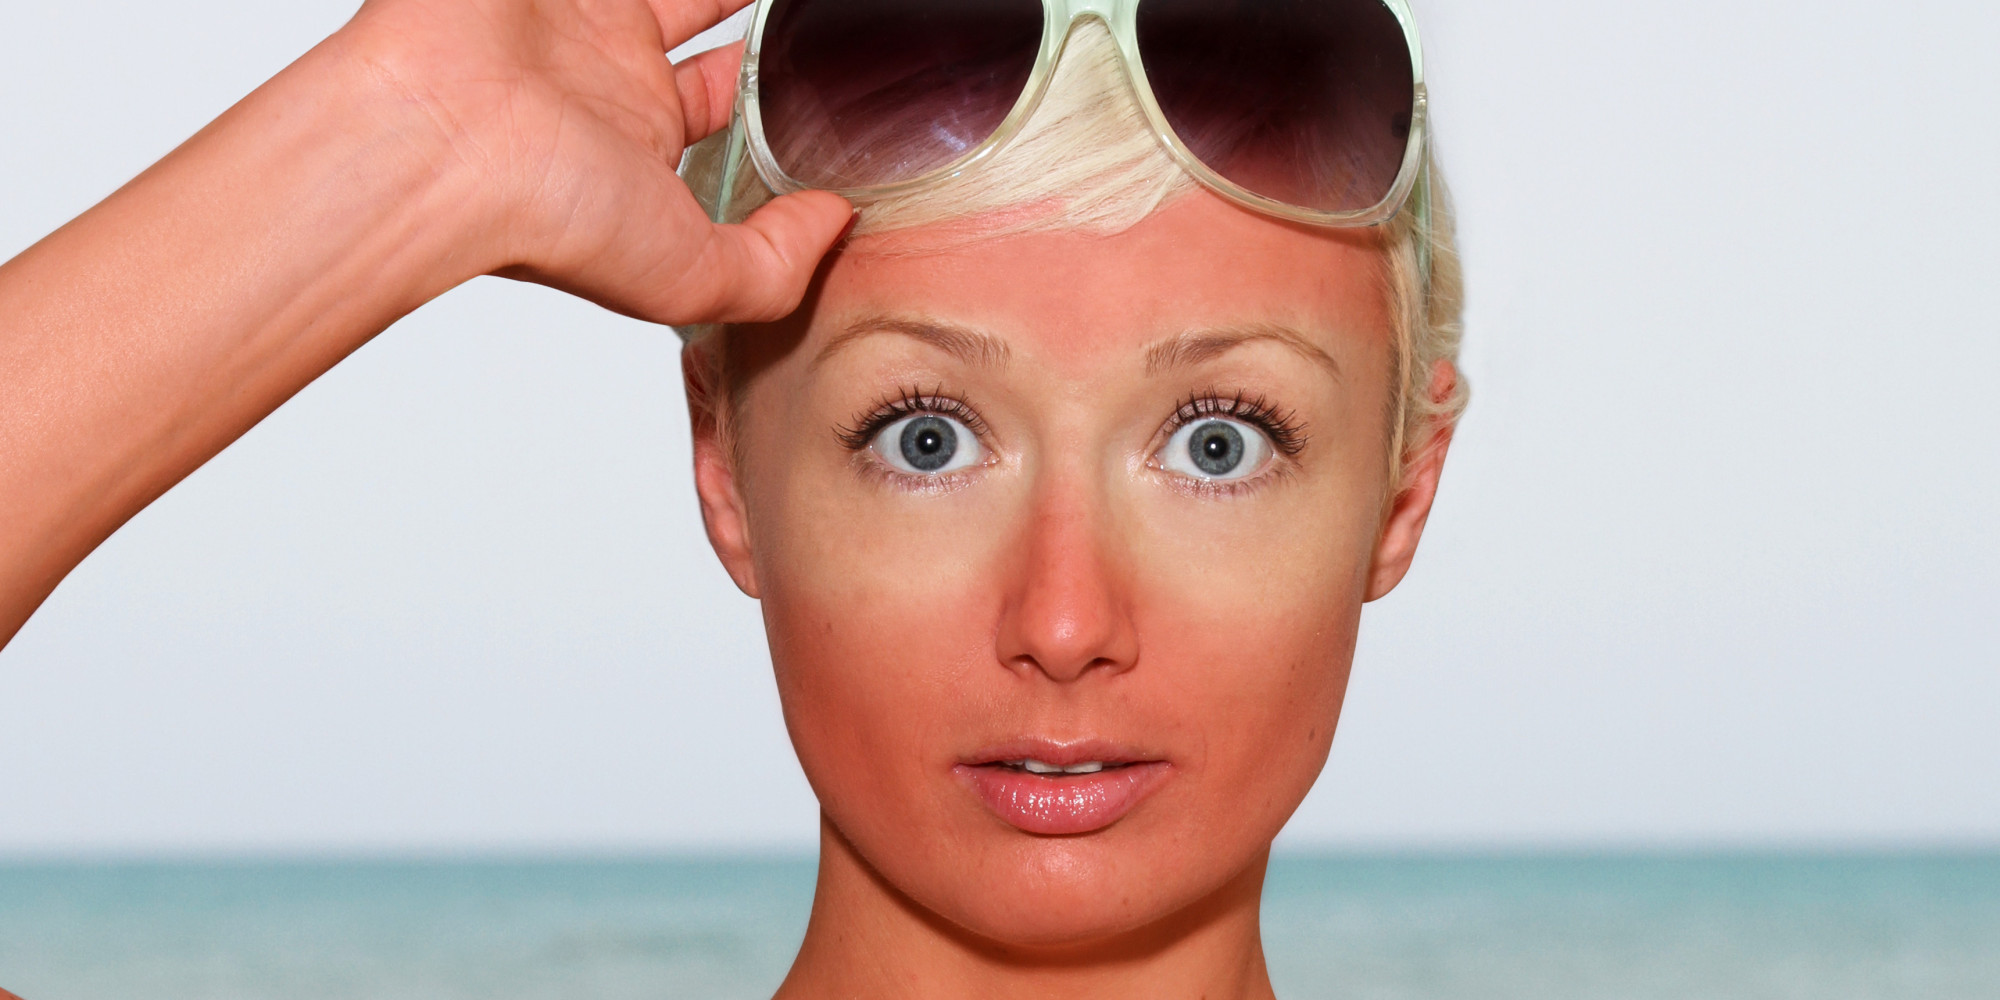 4 nguyên liệu chăm sóc tóc tại nhà, hạn chế ra tiệm mùa COVID-19 1